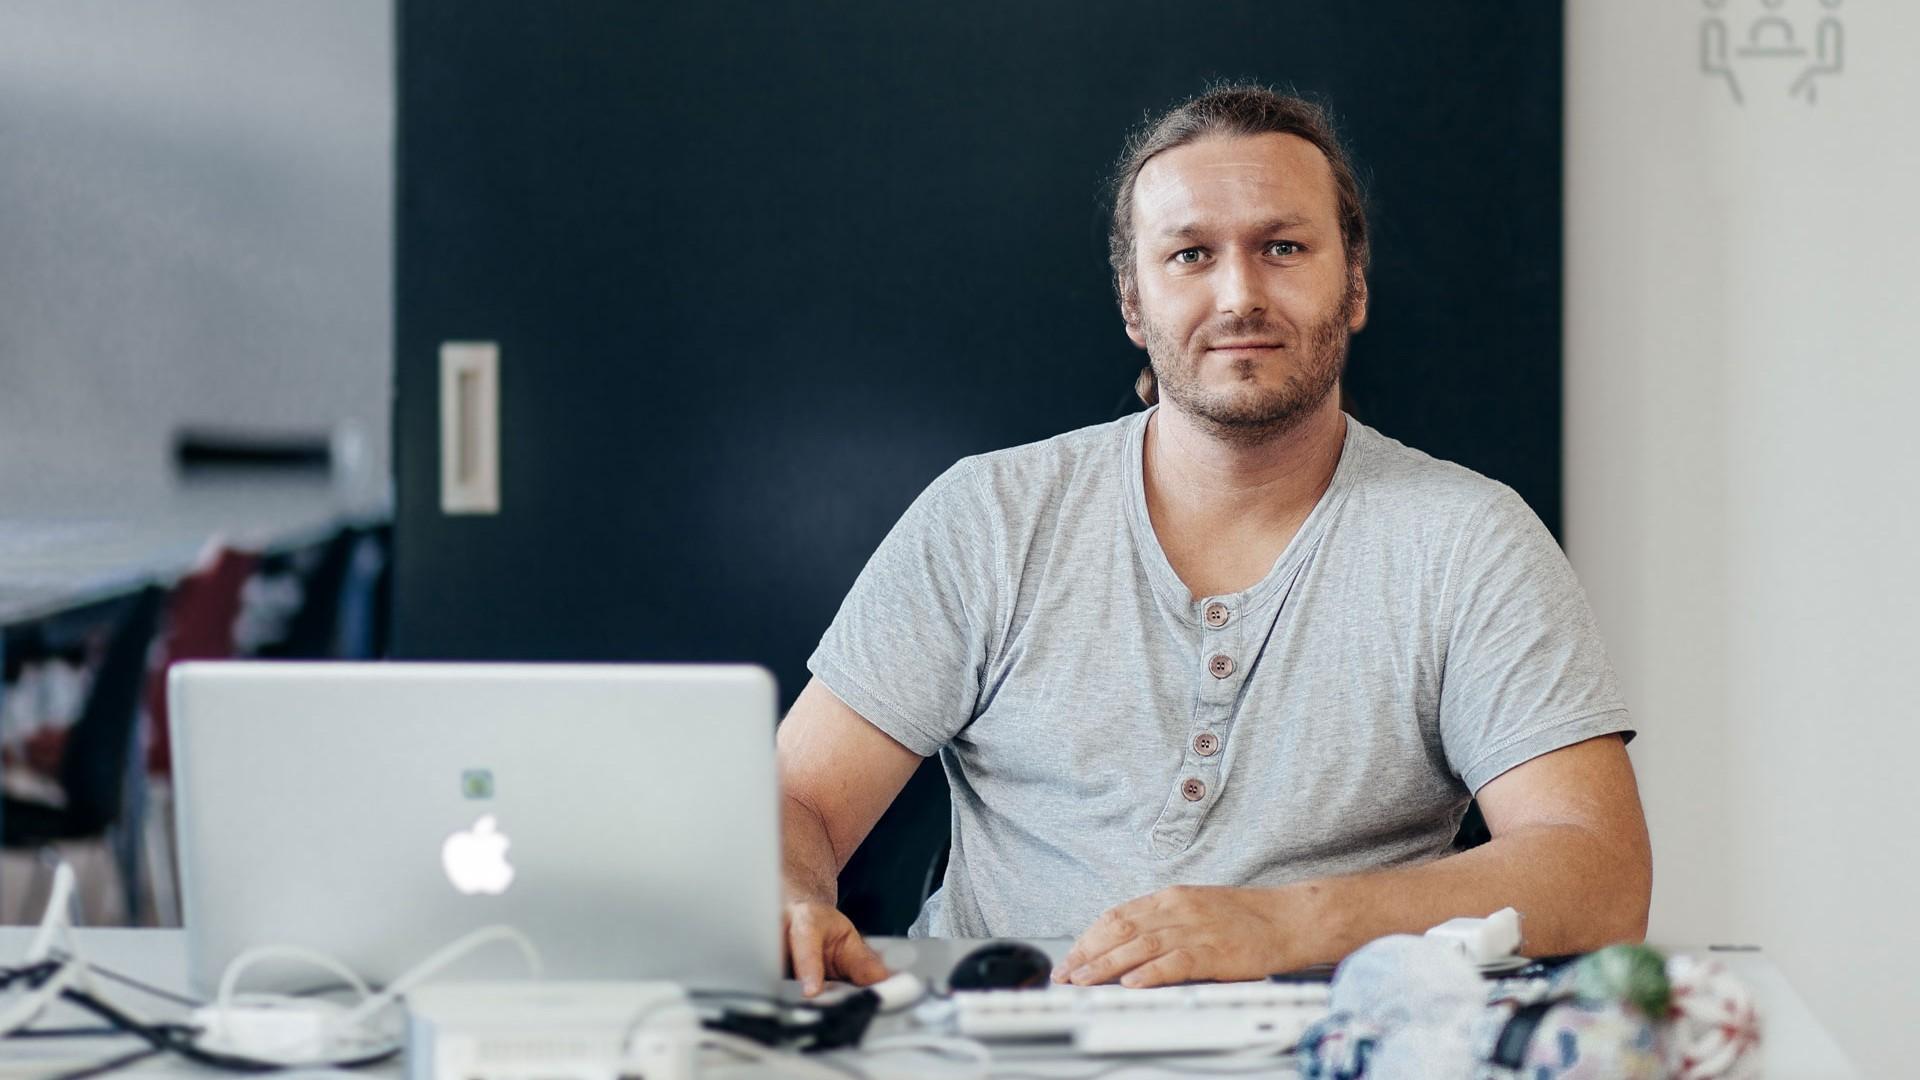 Björn sitzt im T-Shirt hinter seinem Laptop und allerlei weiteren Geräten.